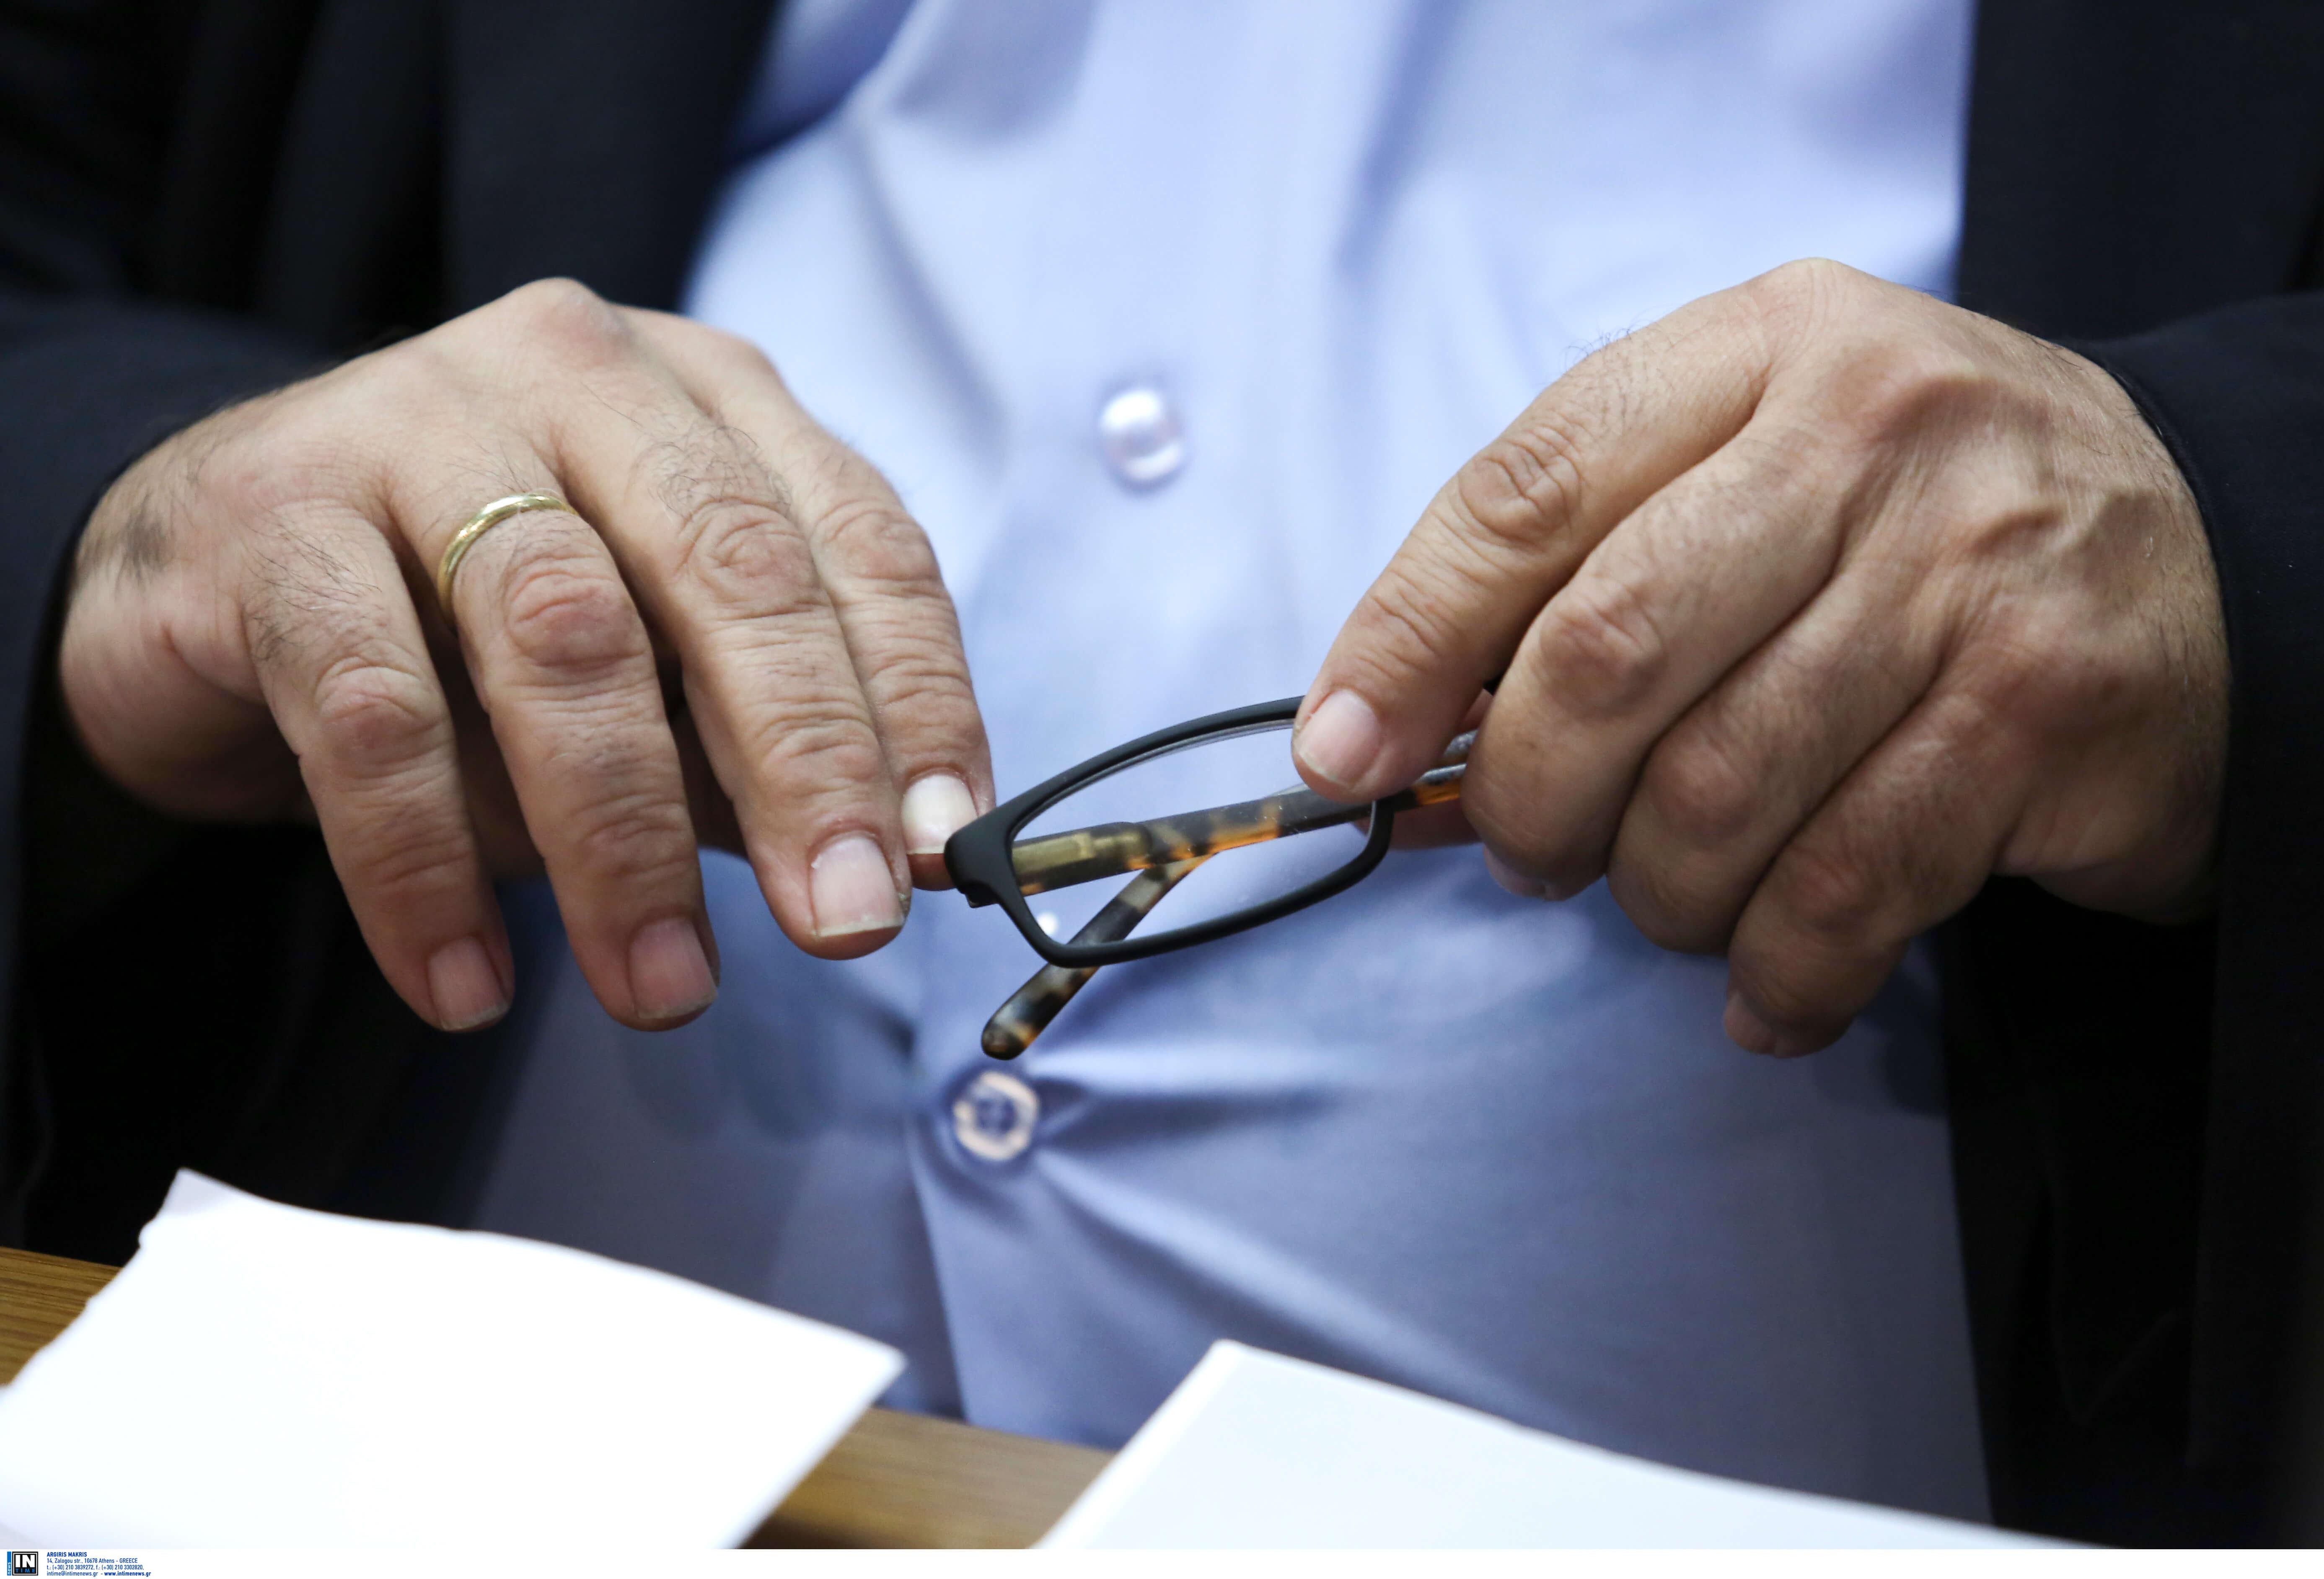 Προσοχή: Τι αλλάζει για τα γυαλιά οράσεως – Ποιοι δικαιούνται το voucher για 100 ευρώ